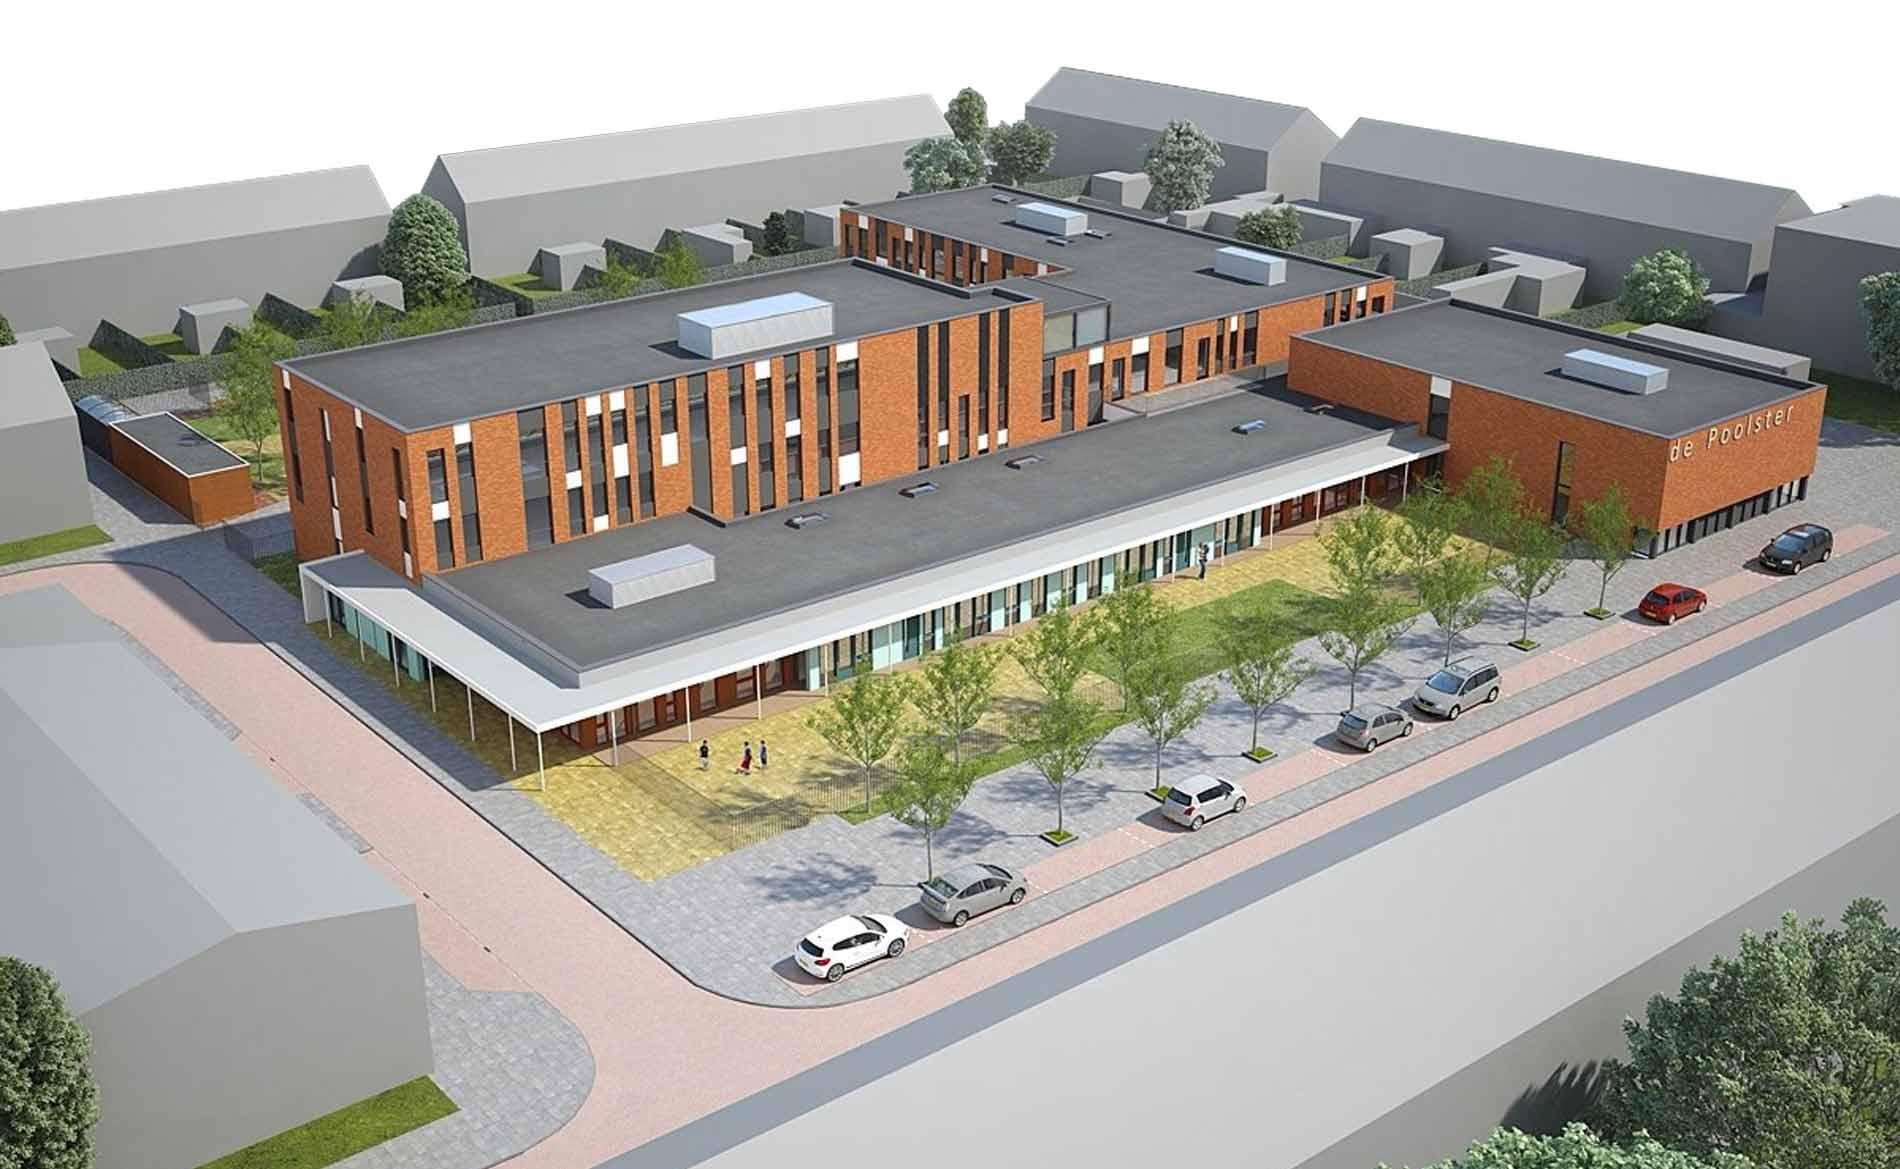 architect brede school kinderopvang BSO gymzaal De Poolster Den Helder BBHD architecten